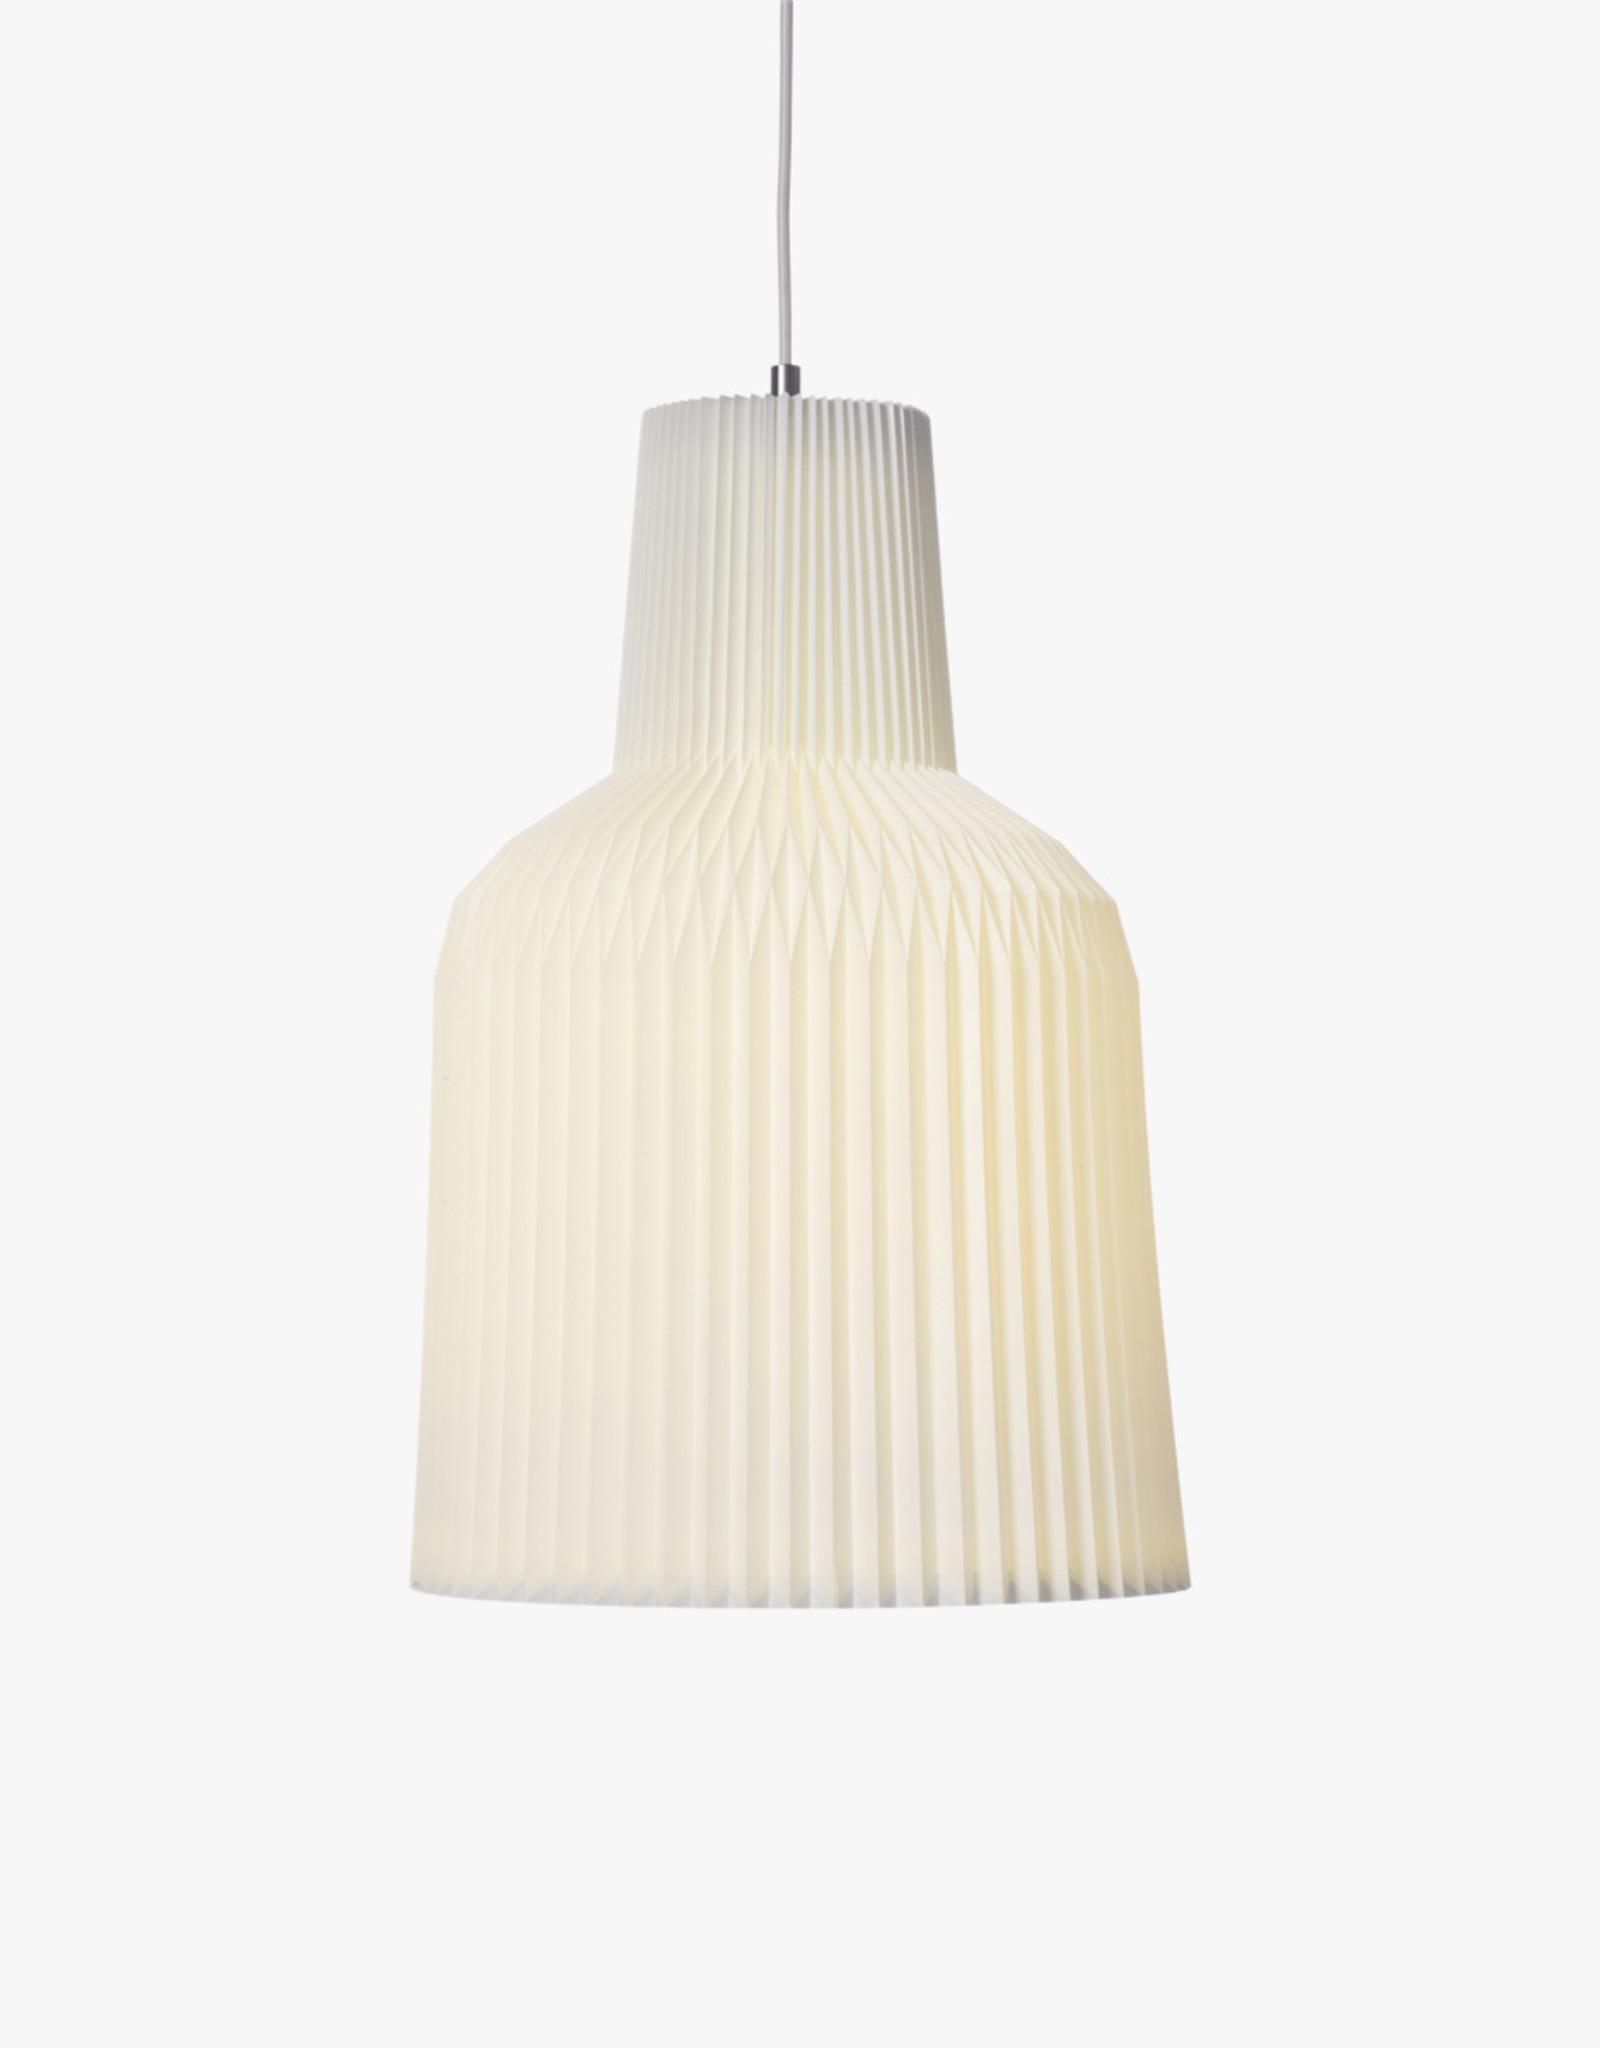 La Cloche 145 pendant by Aurelién Barbry | L | Plastic |  Dia30cm x H44cm | 1x E27 800 LM max. 20W LED bulb required